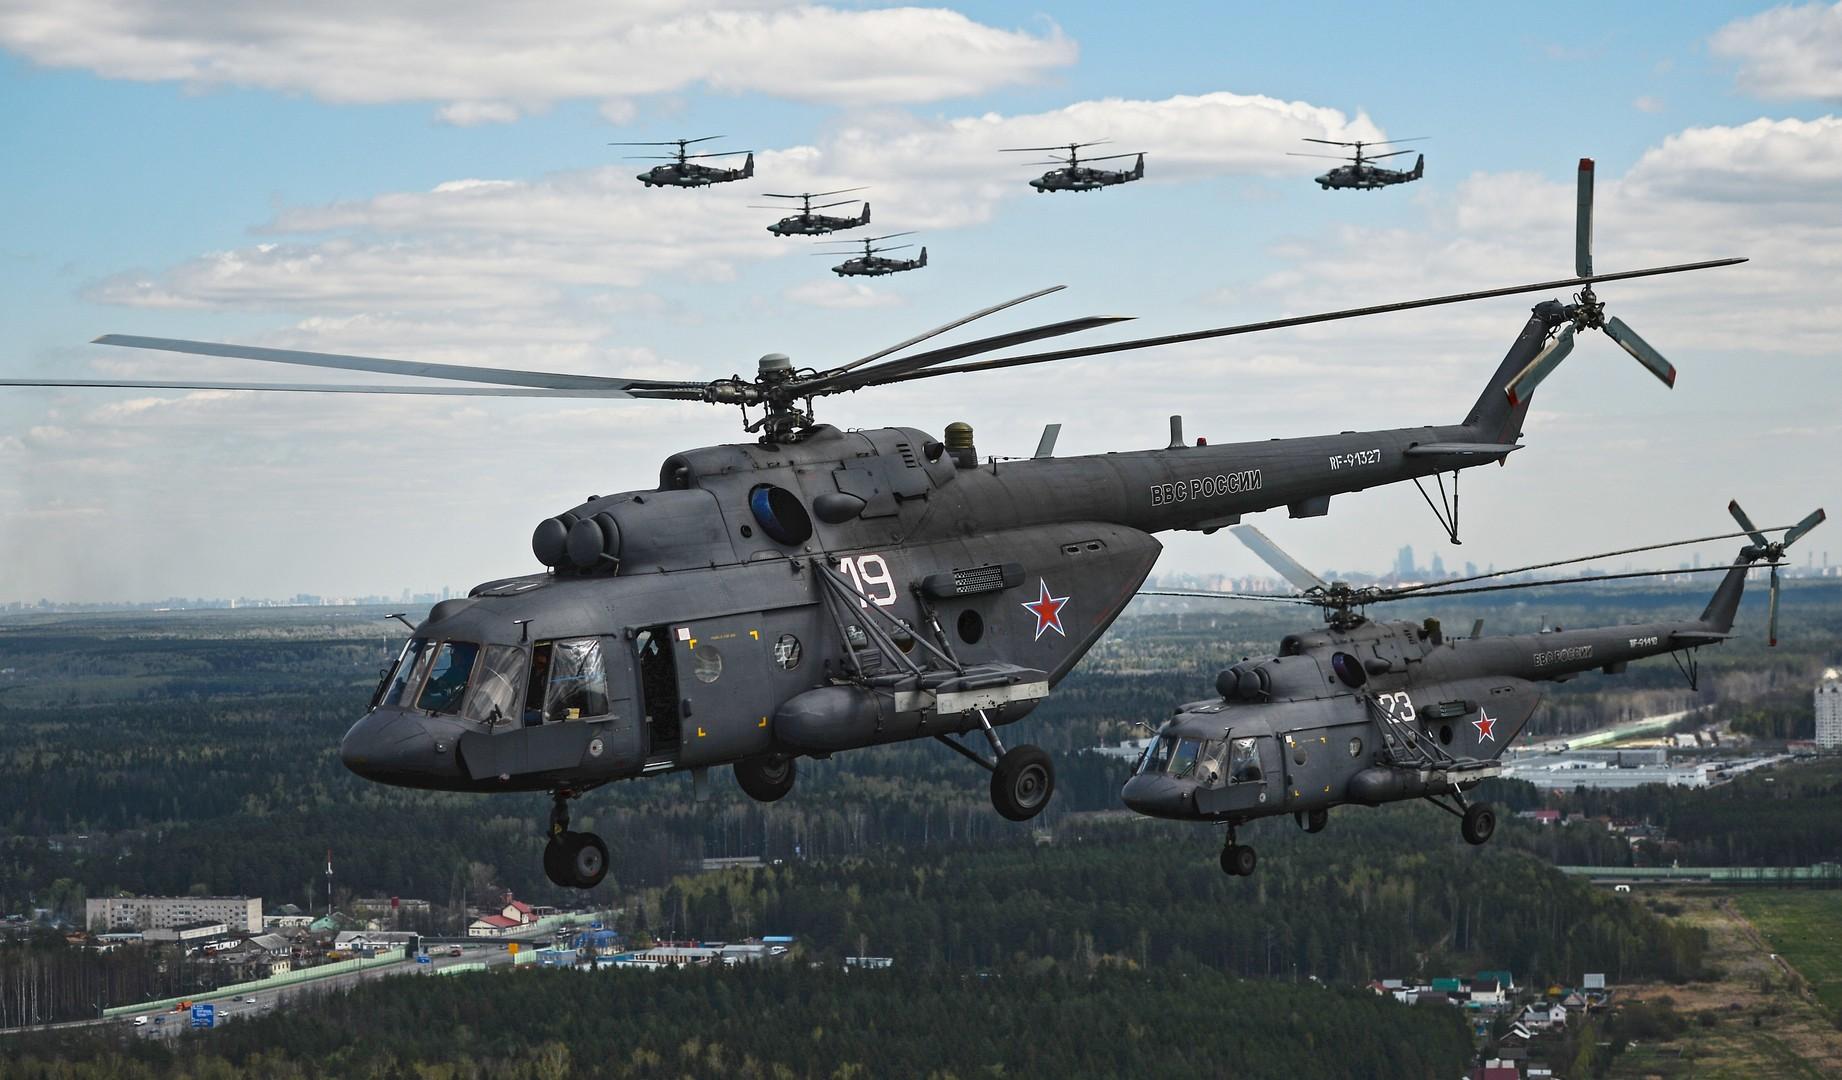 Вертолёты Ми-8 и Ка-52 во время репетиции воздушной части военного парада в Москве